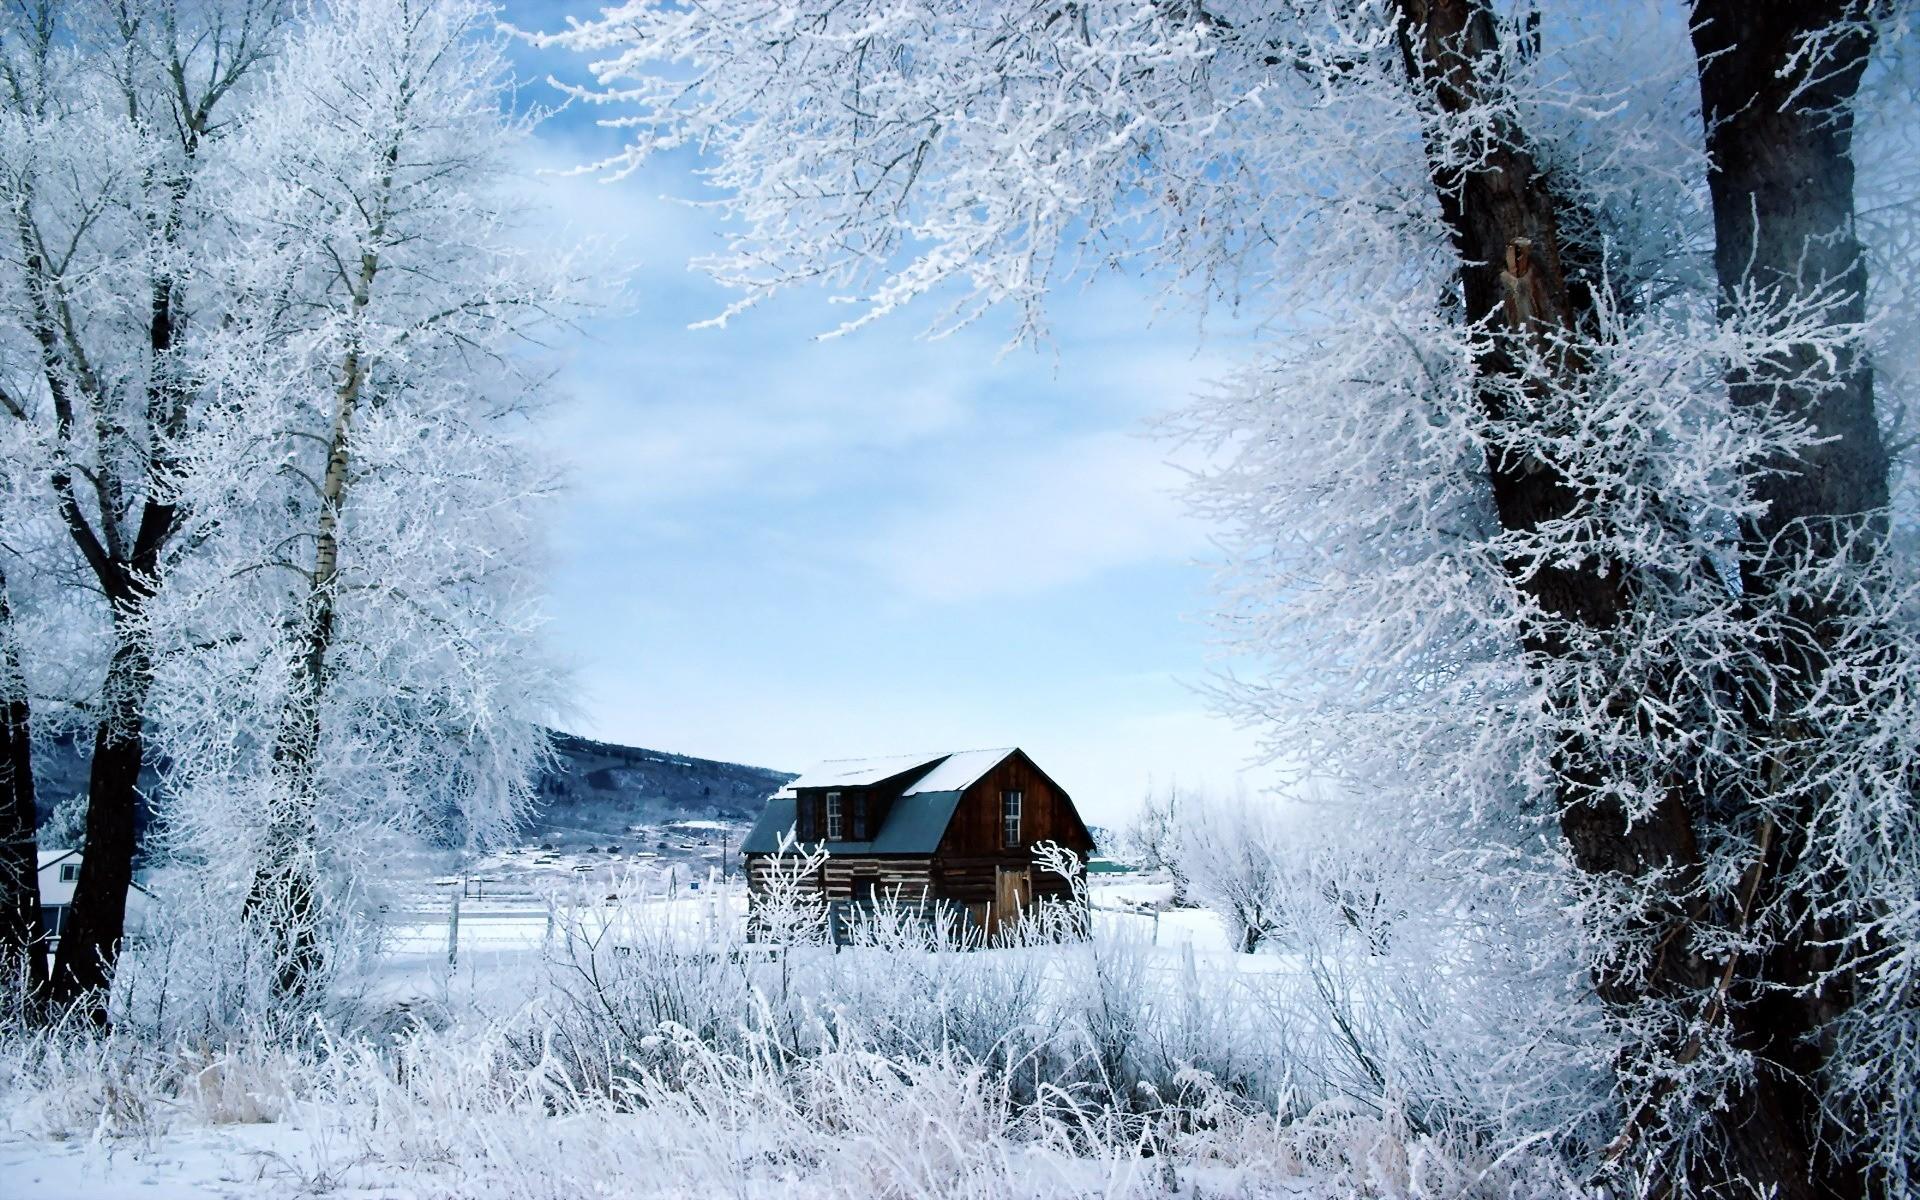 герани обои на рабочий стол русская зима в деревне дома словом